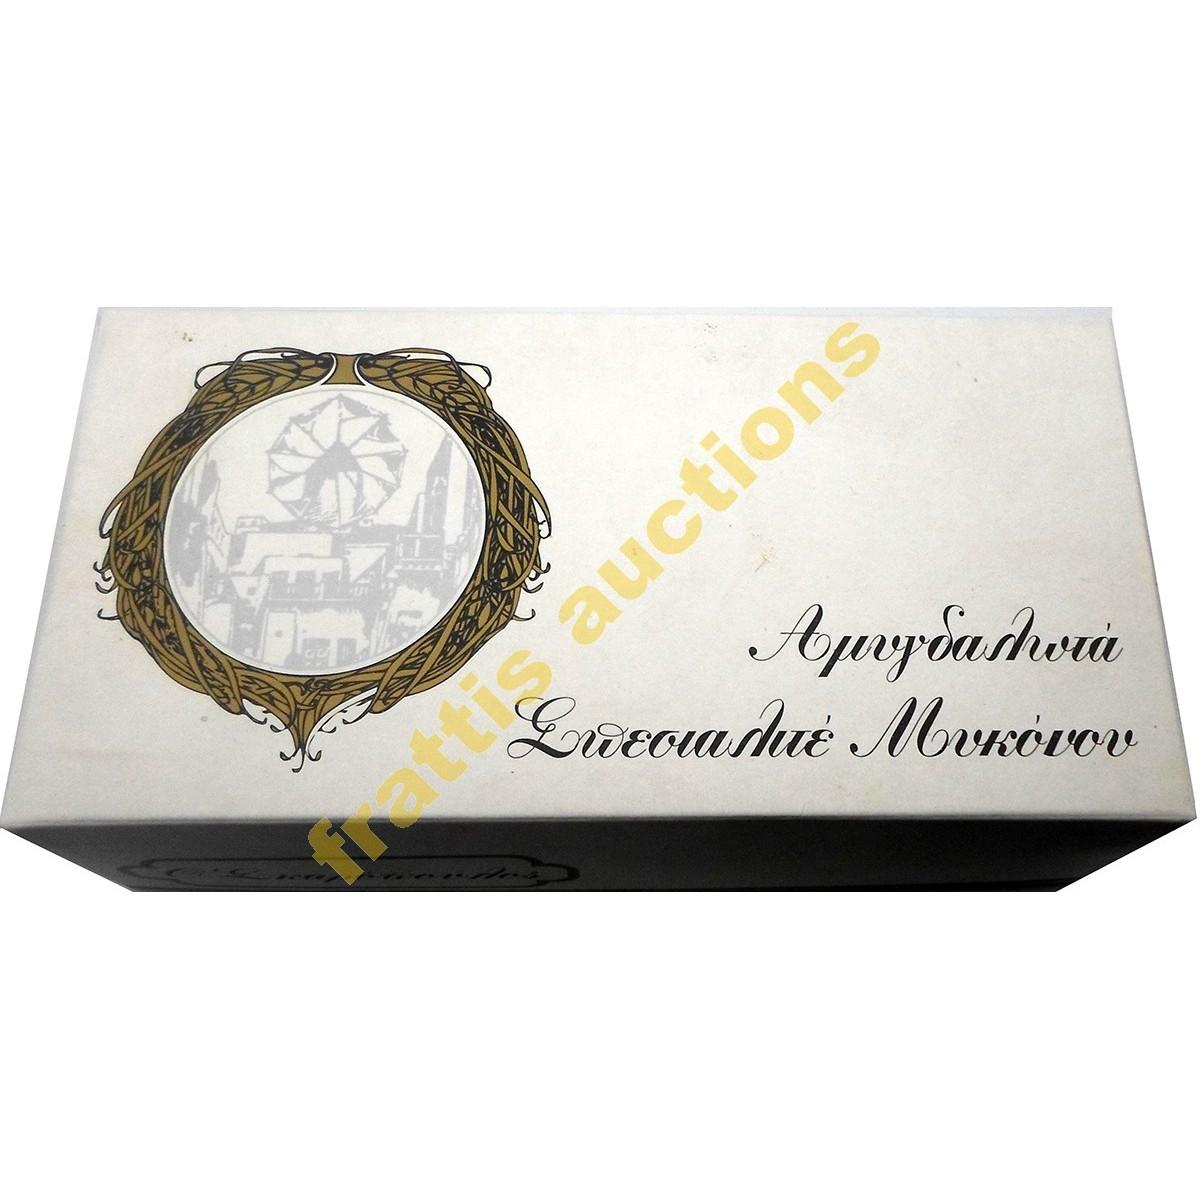 Σκαρόπουλος, χάρτινο κουτί.